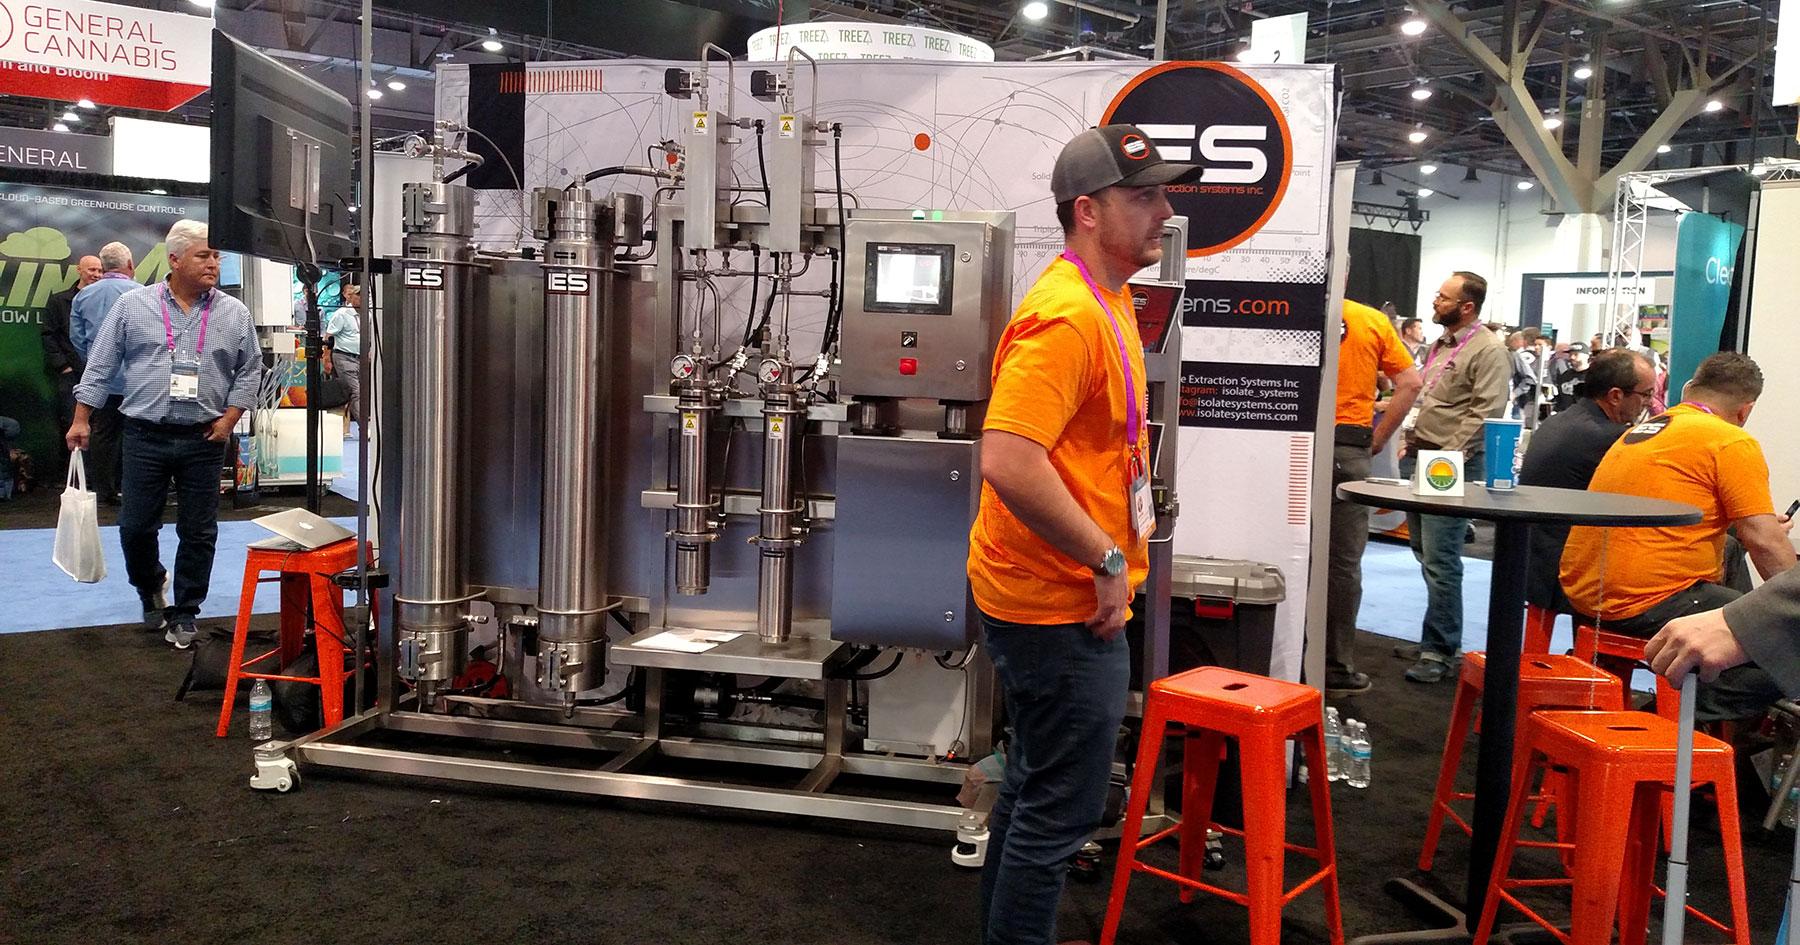 extractor infuser